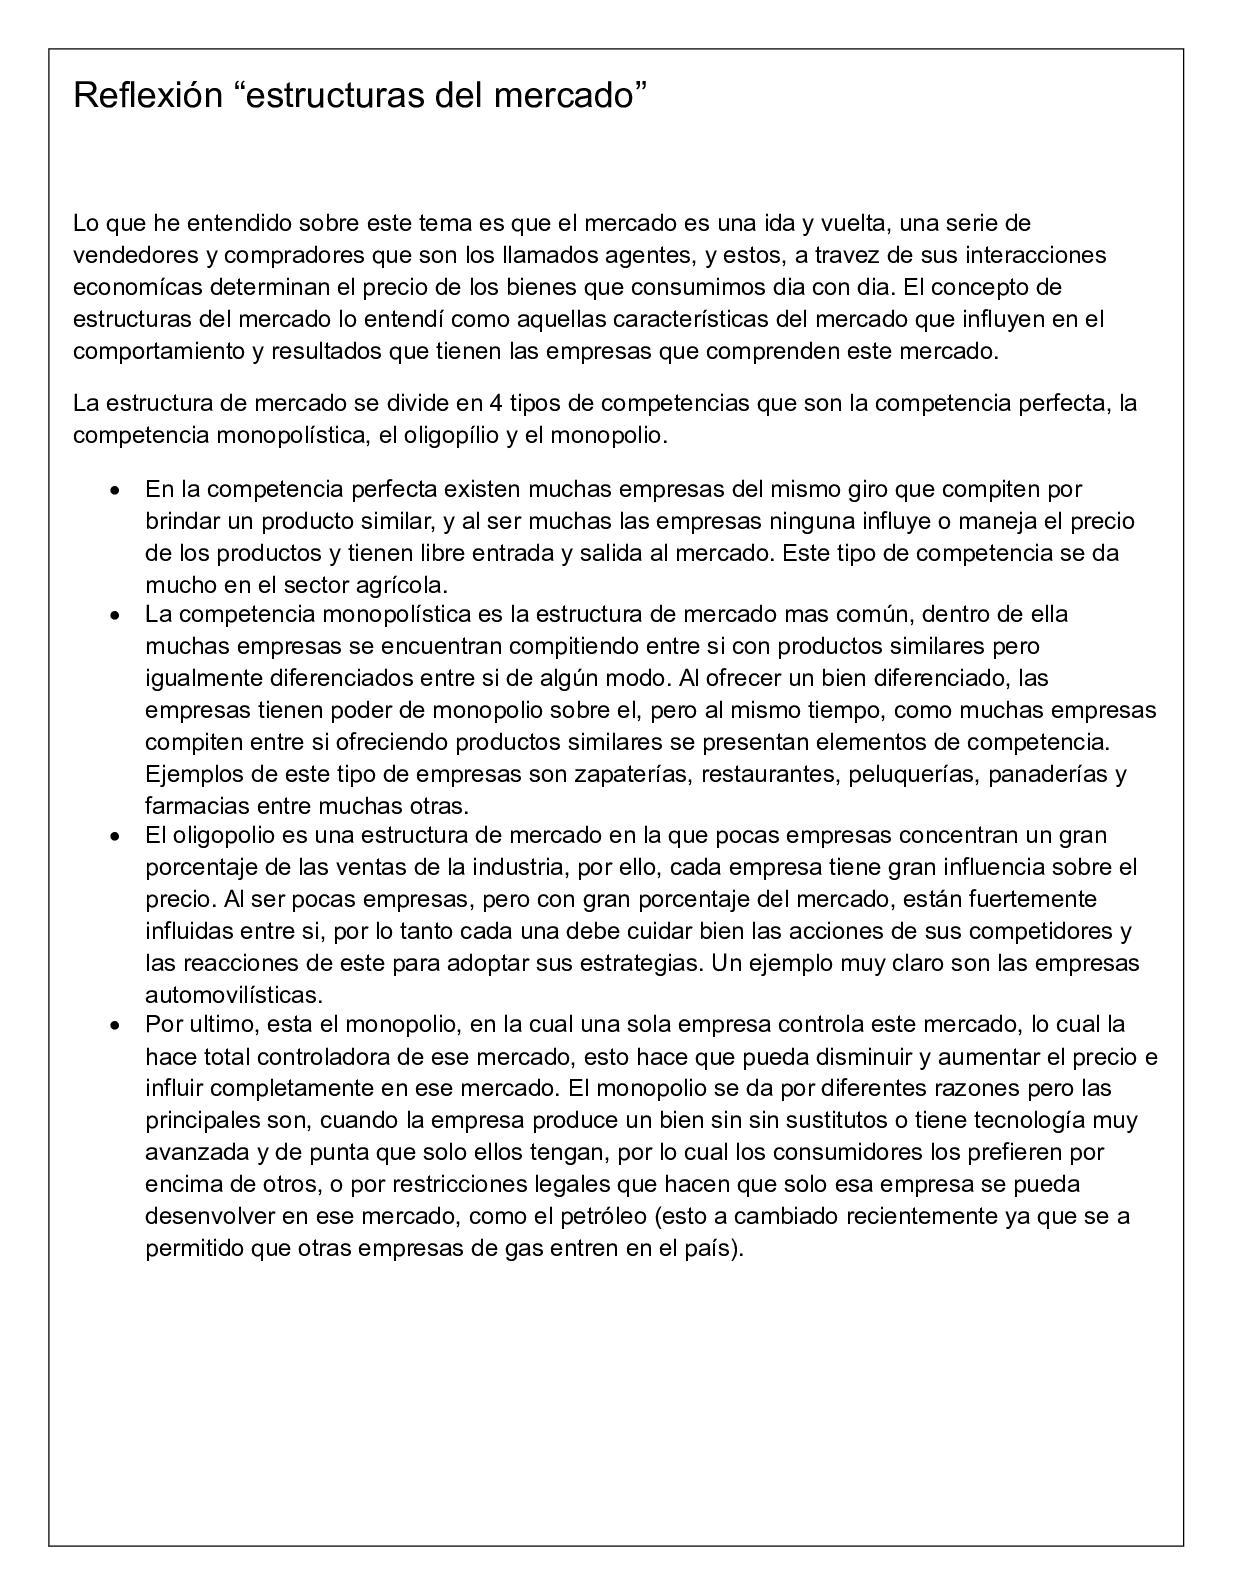 Calaméo Reflexión A1